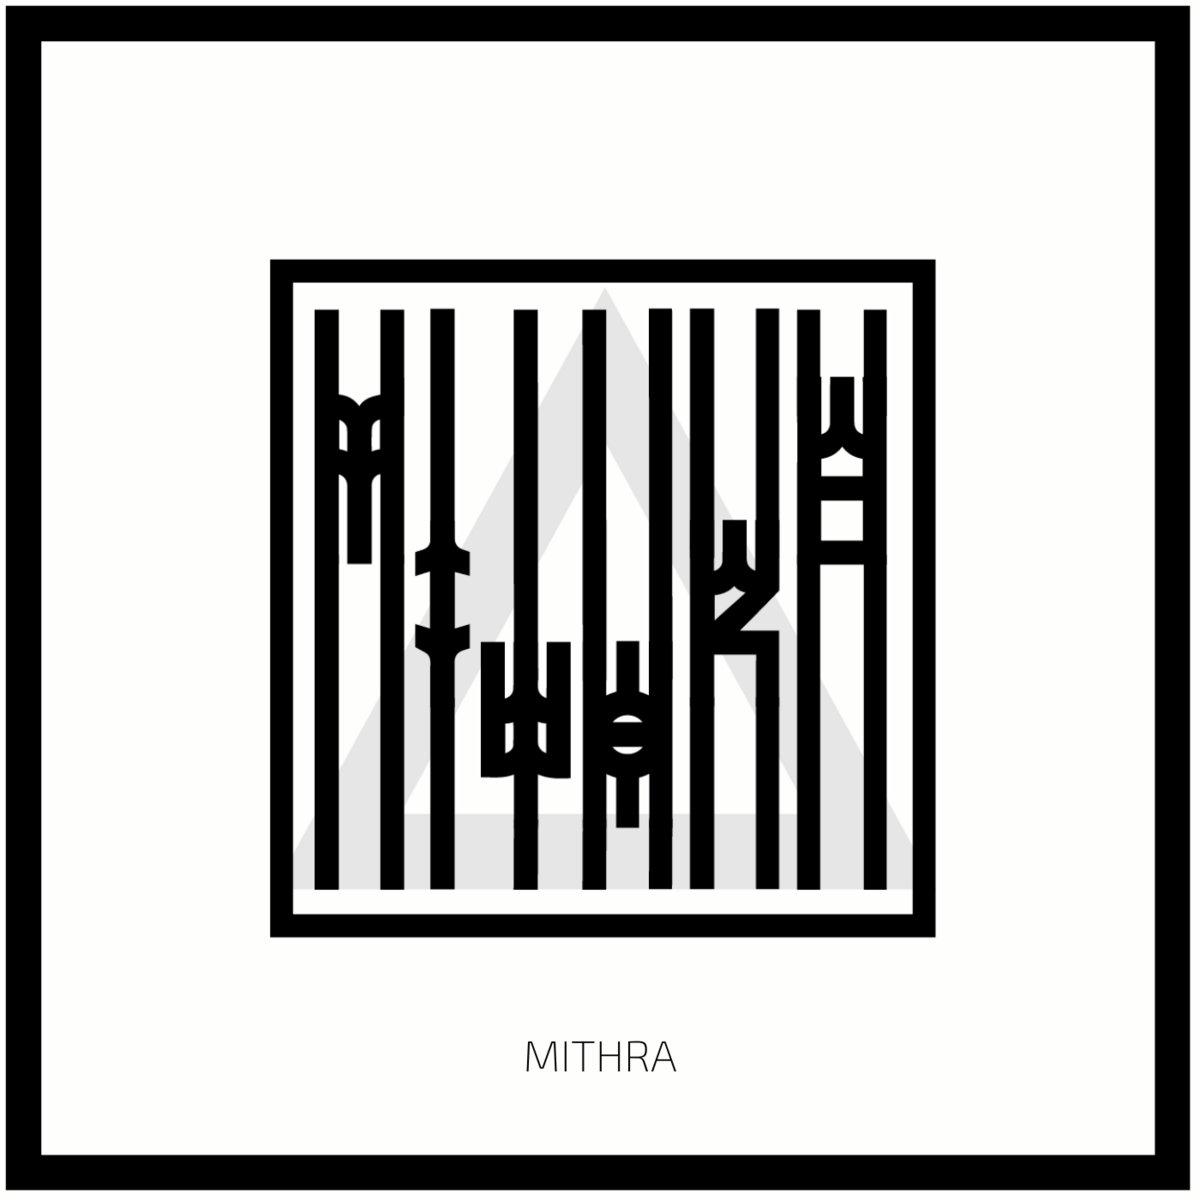 Mithra by Mangata